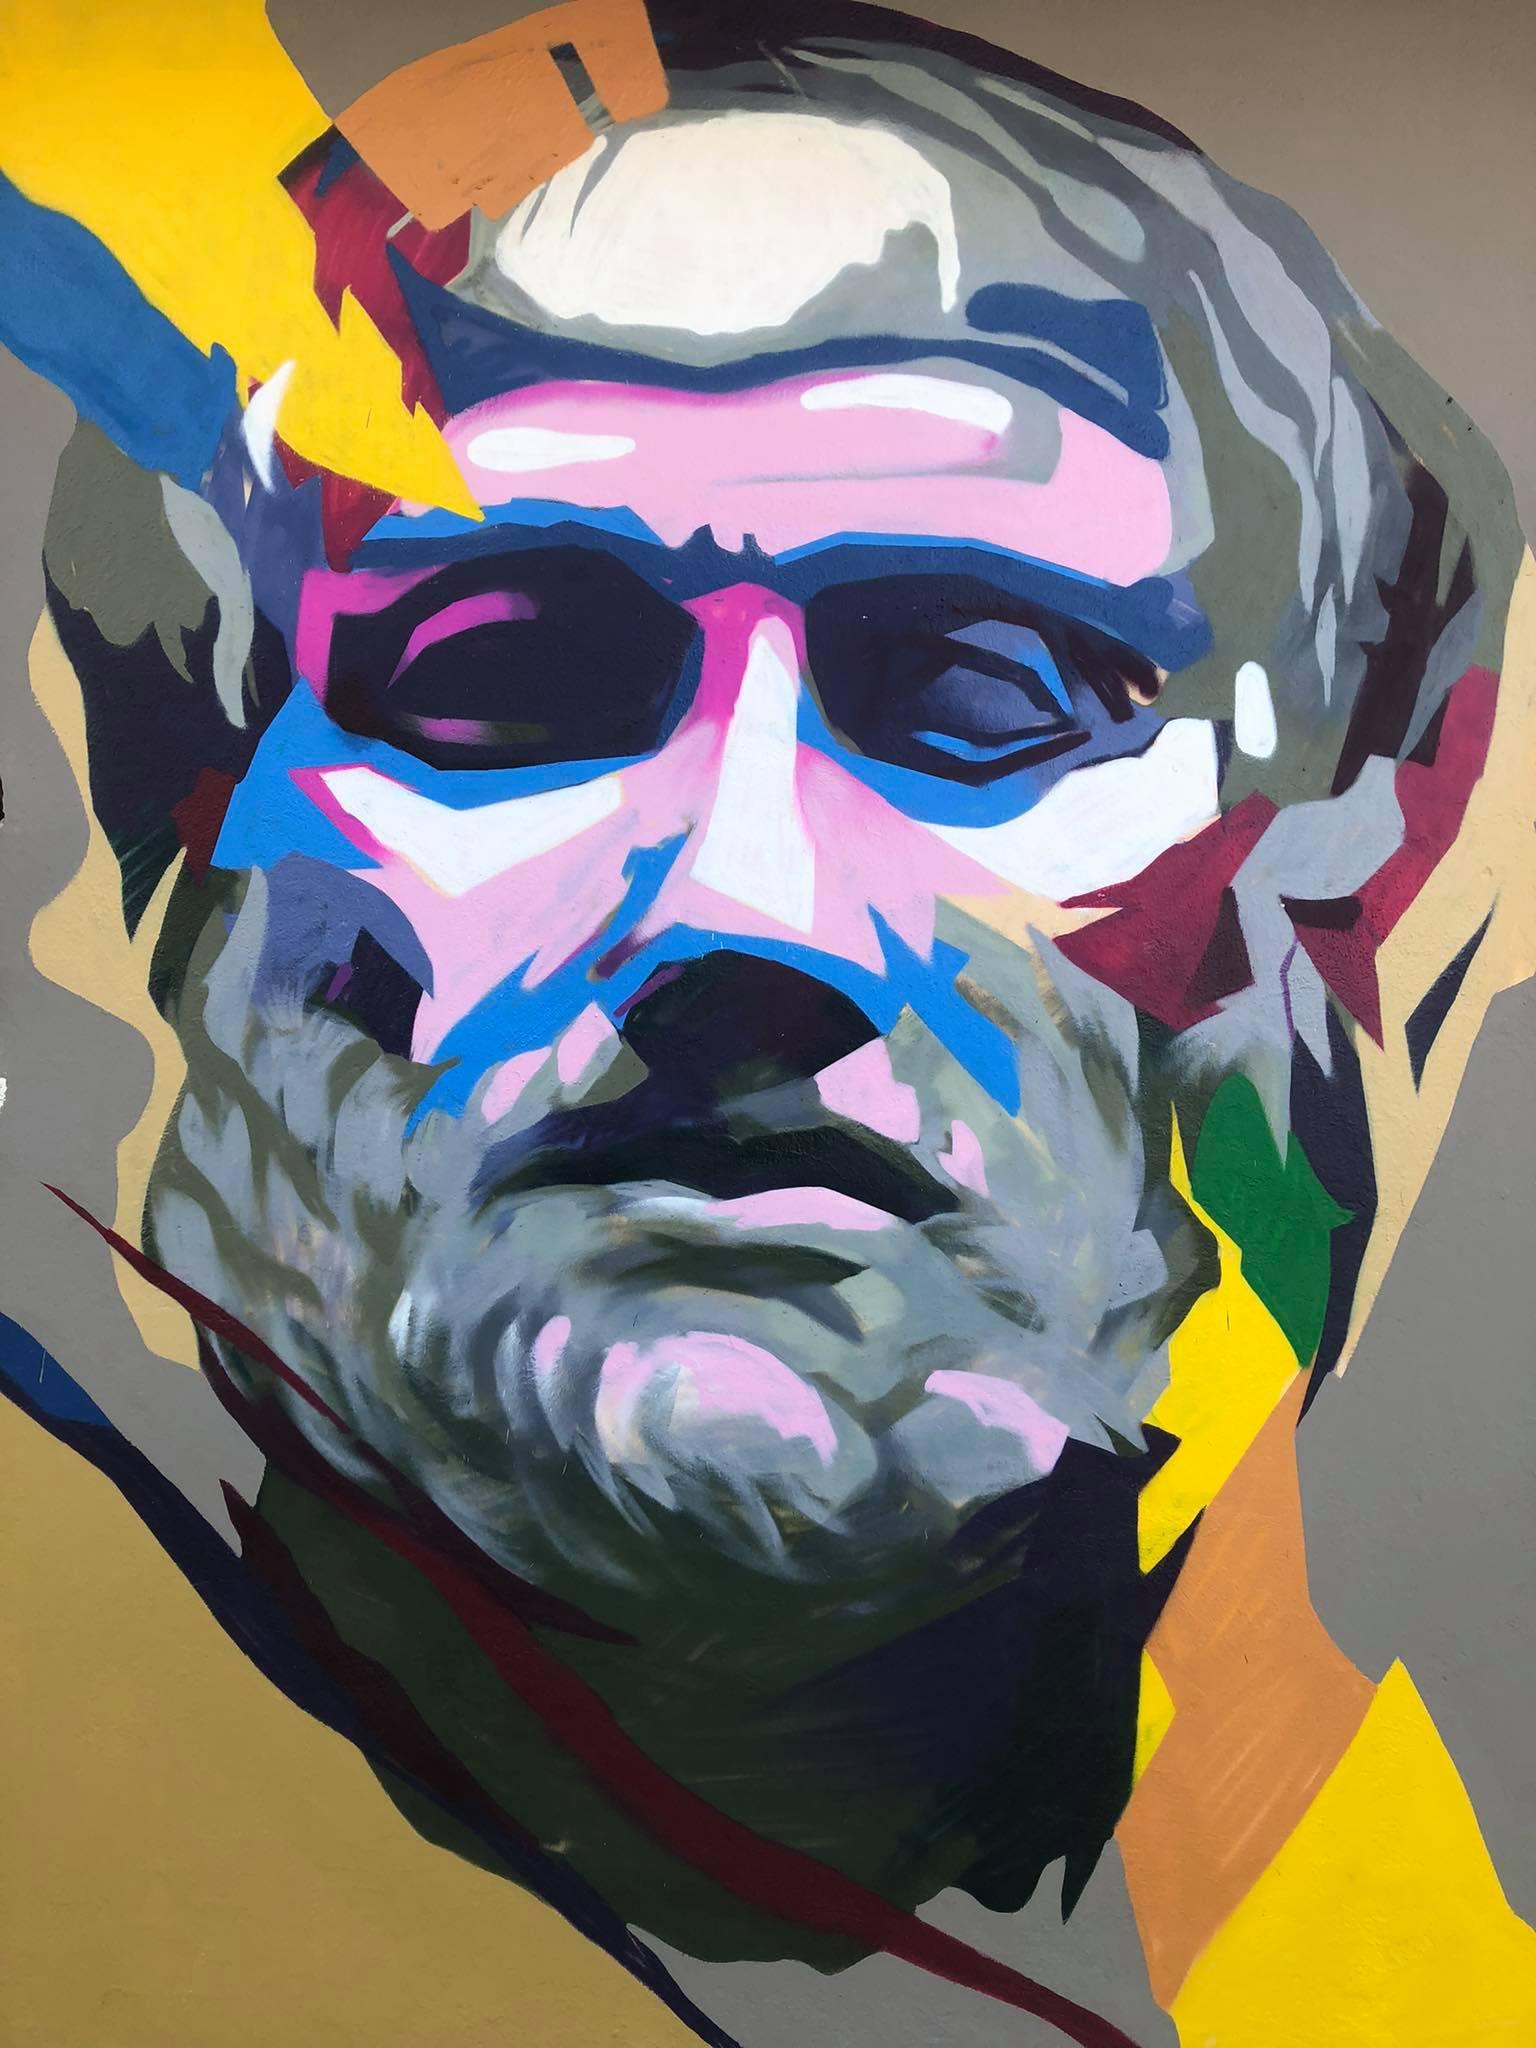 Προτομή του Αριστοτέλη, Graffiti